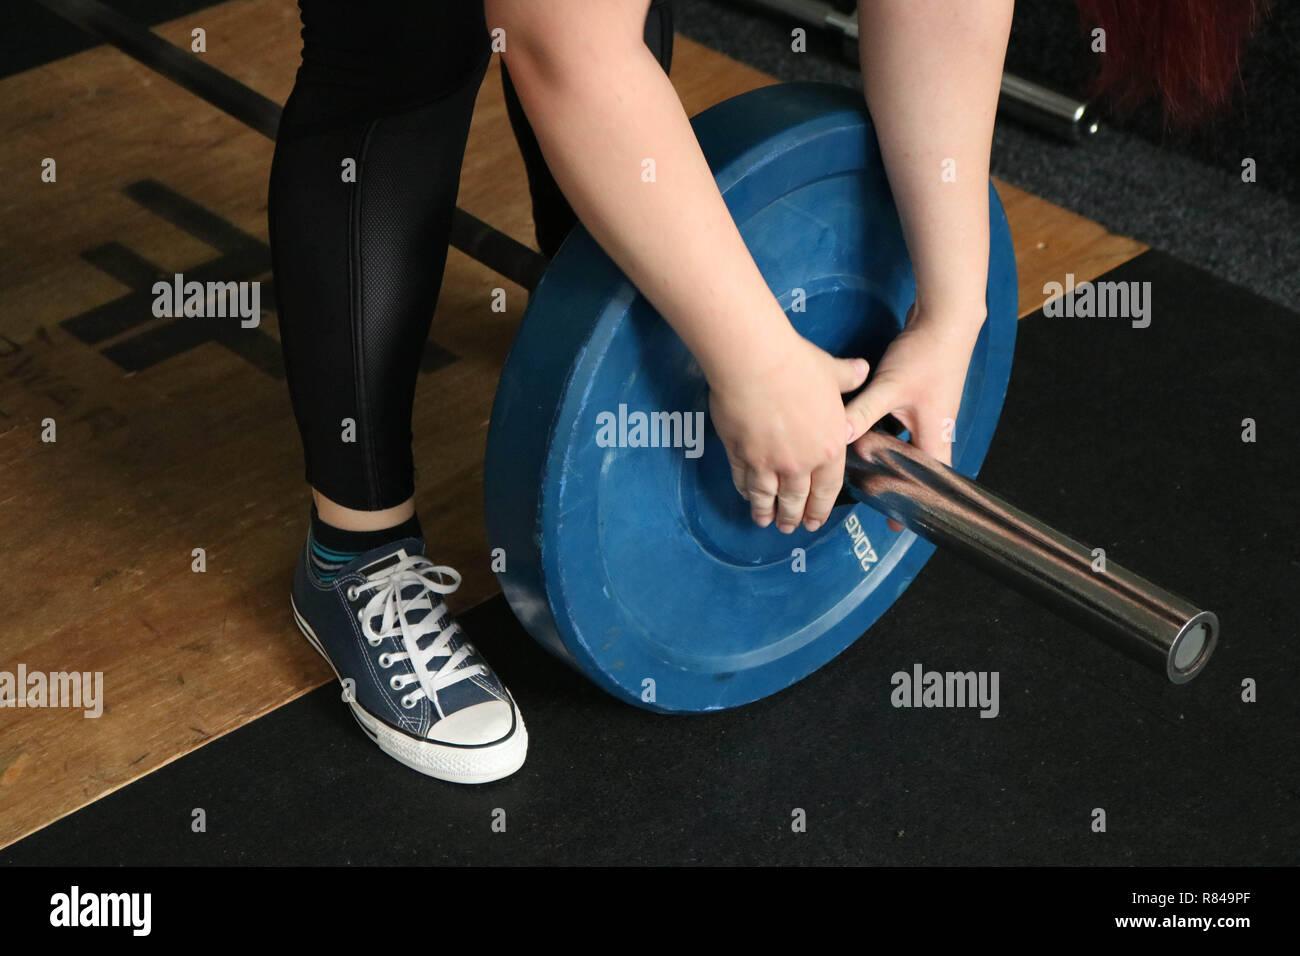 L'utilisation d'haltères et poids haltérophiles à faire les exercices comme soulevé de terre ou s'accroupit Photo Stock